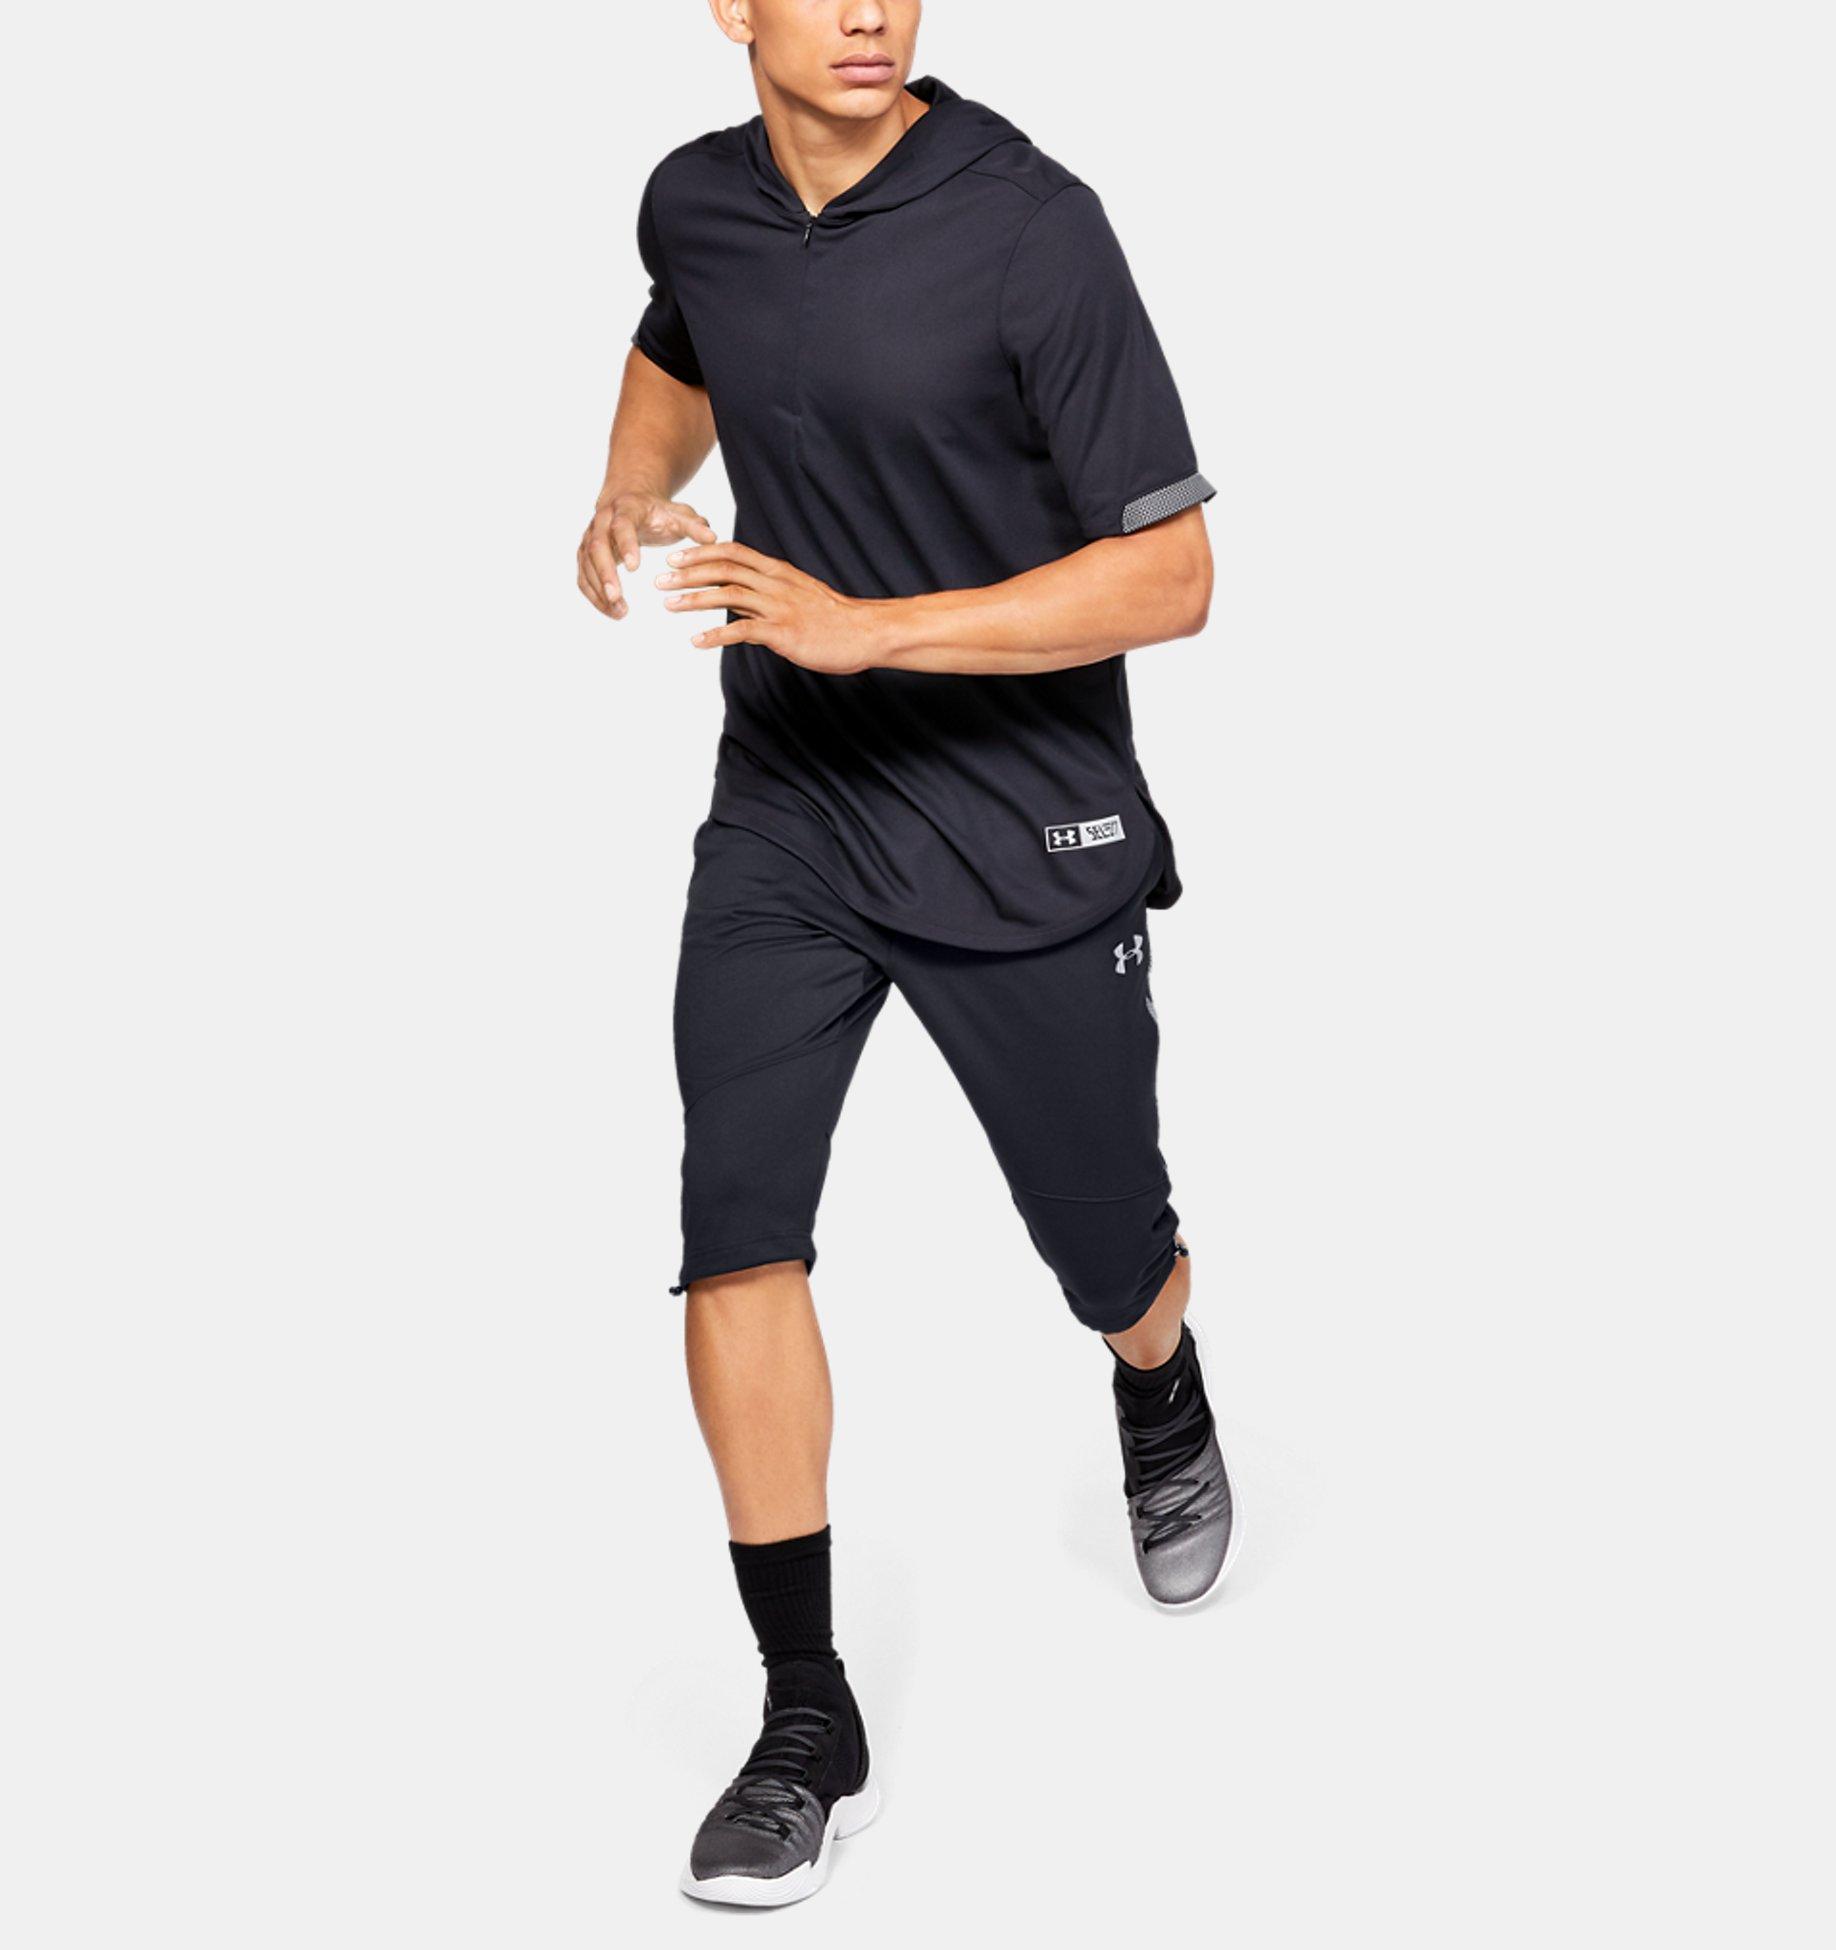 Pantaloni UA Select ½ da uomo · Pantaloni UA Select ½ da ... 12c37aa32bf4